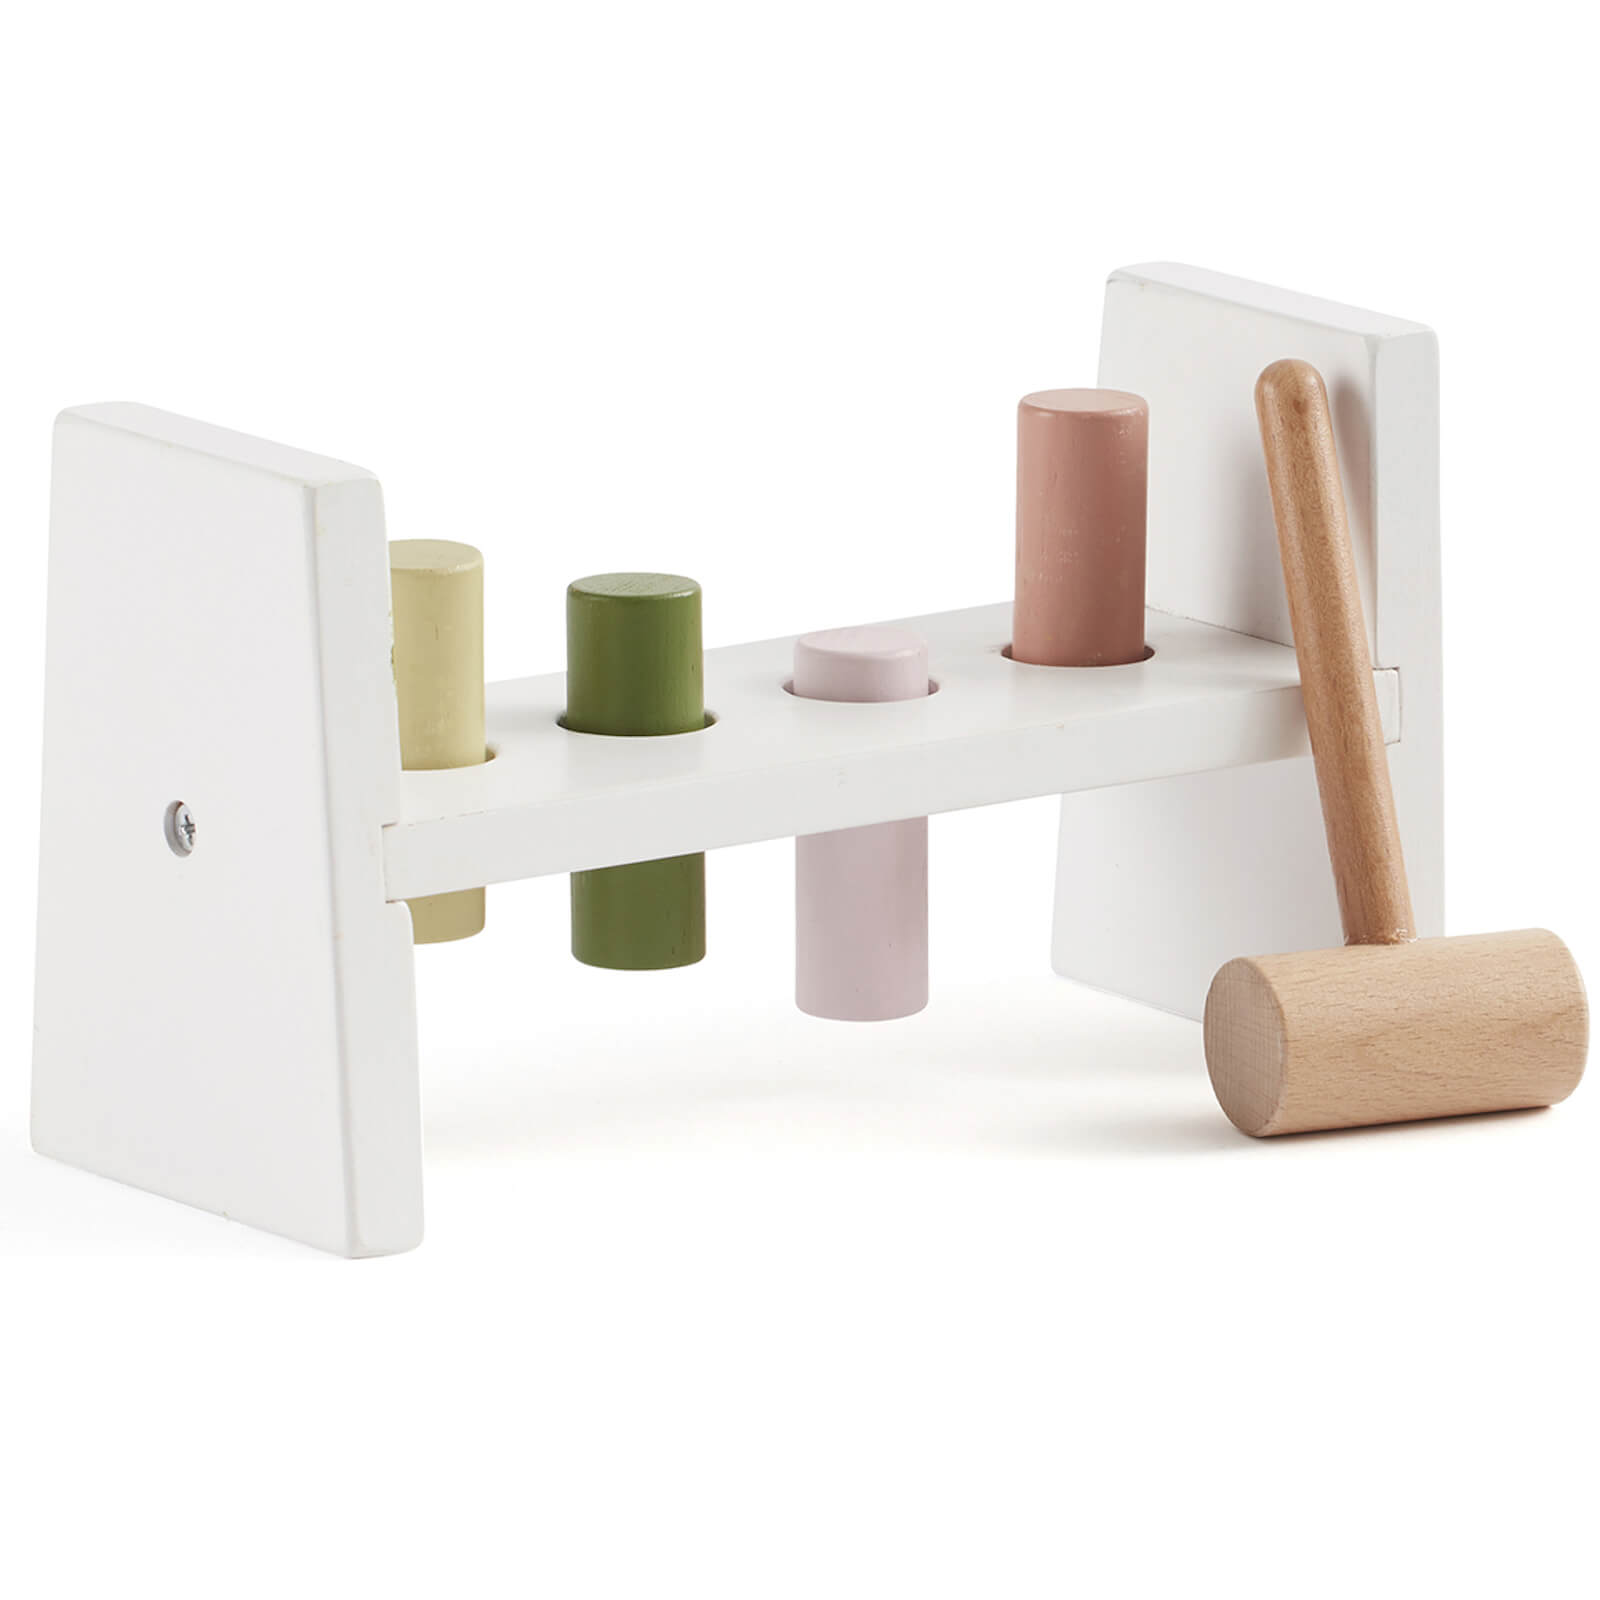 Kids Concept Hammerbench - Green